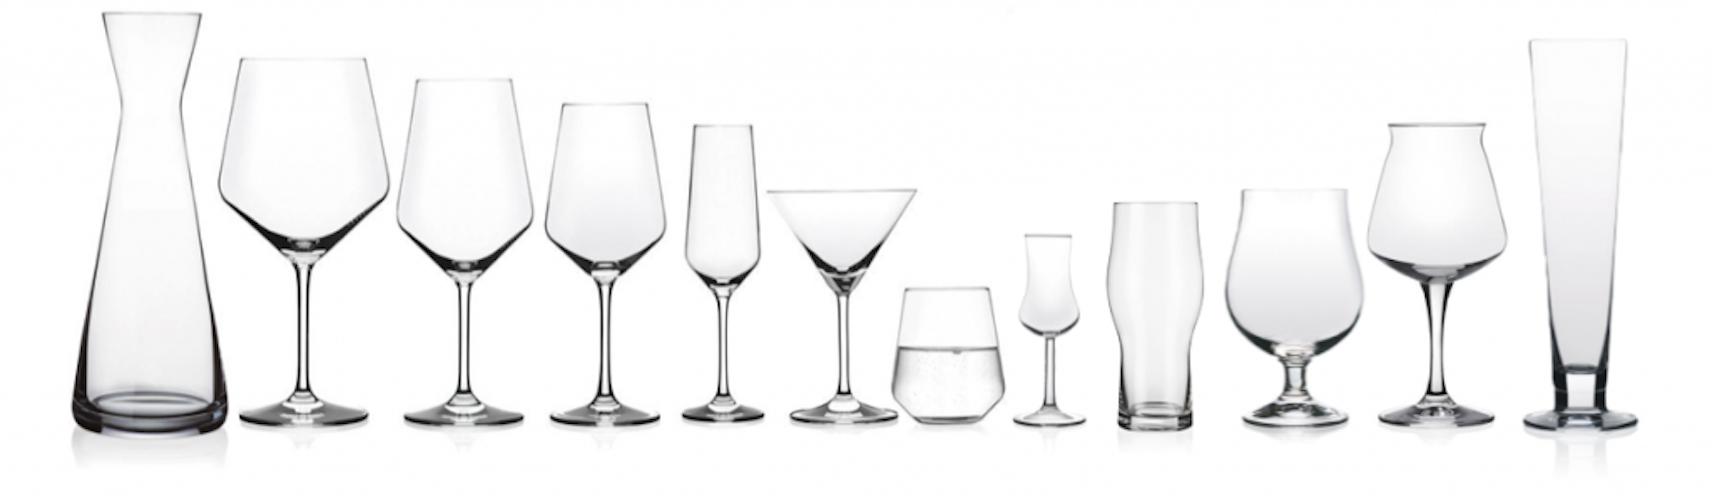 Vi lyfter din verksamhet med glas för alla behov!